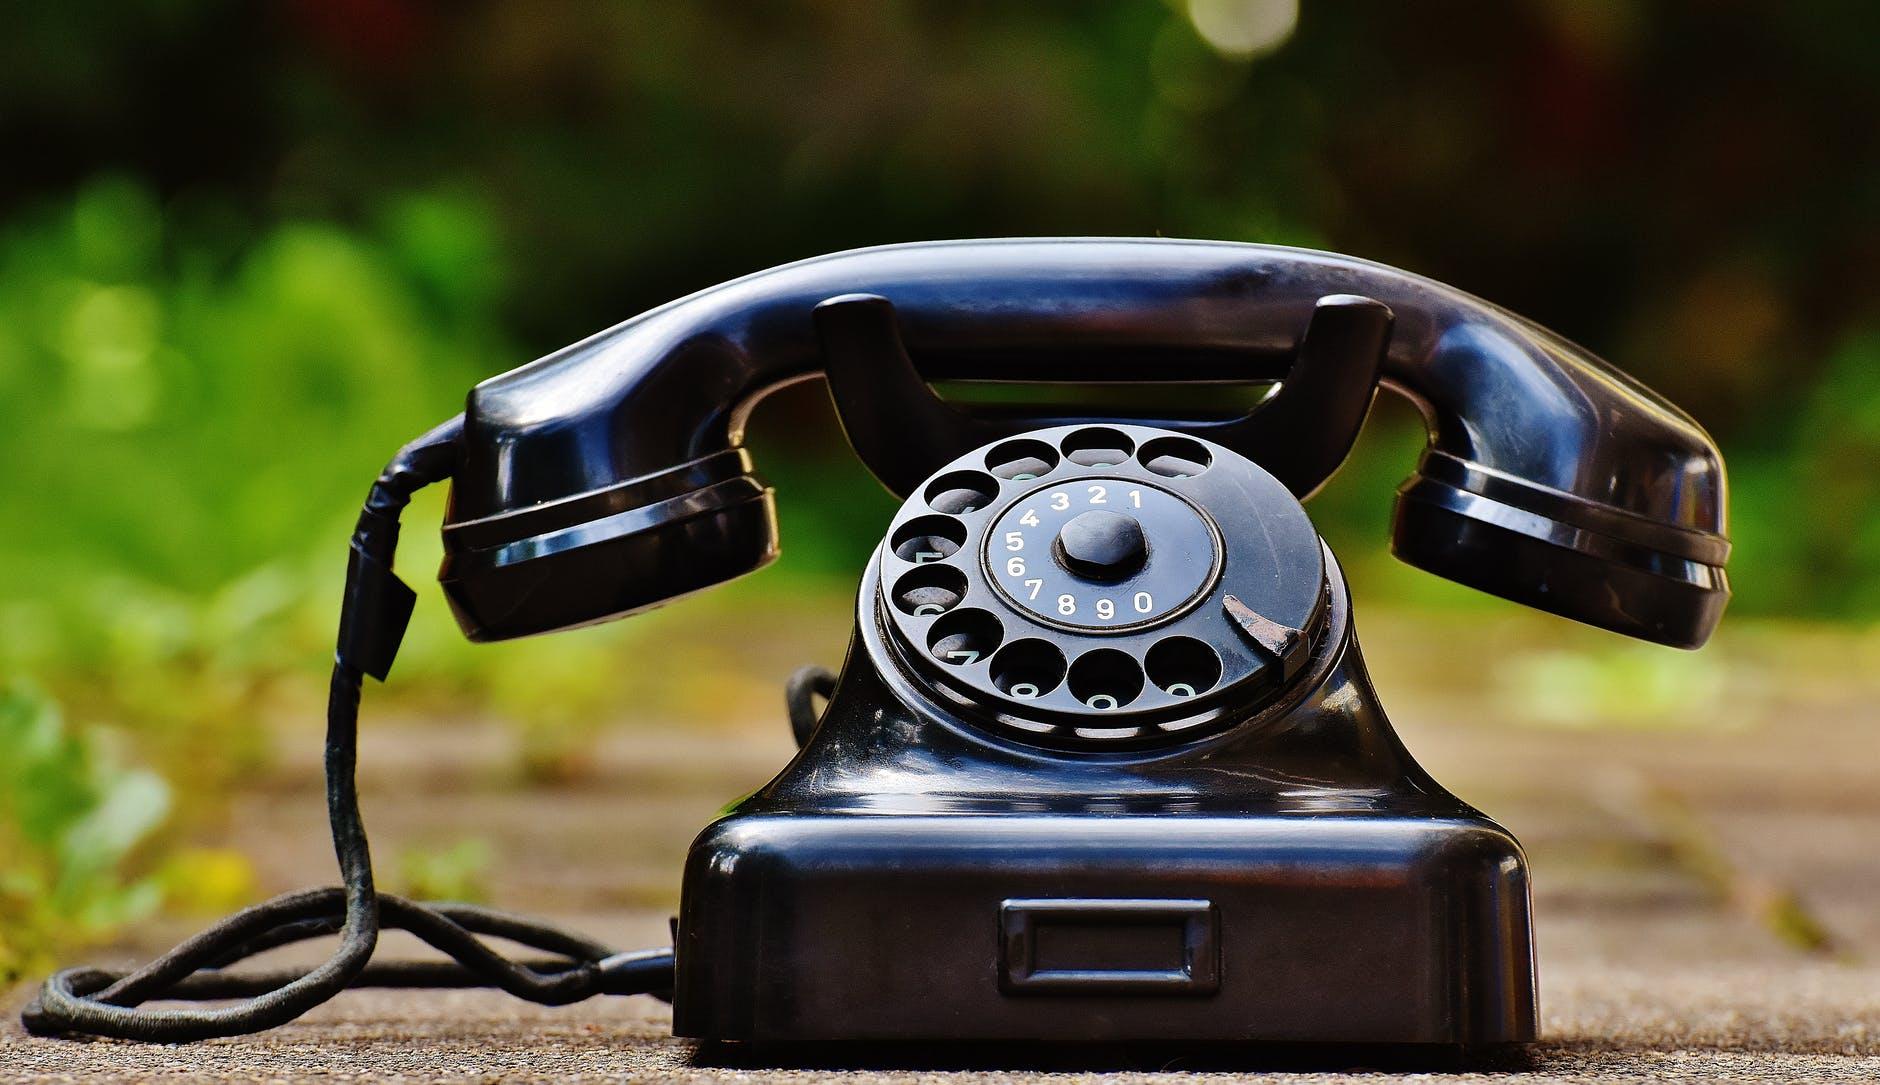 Colloqui telefonici preliminari? Anche no.